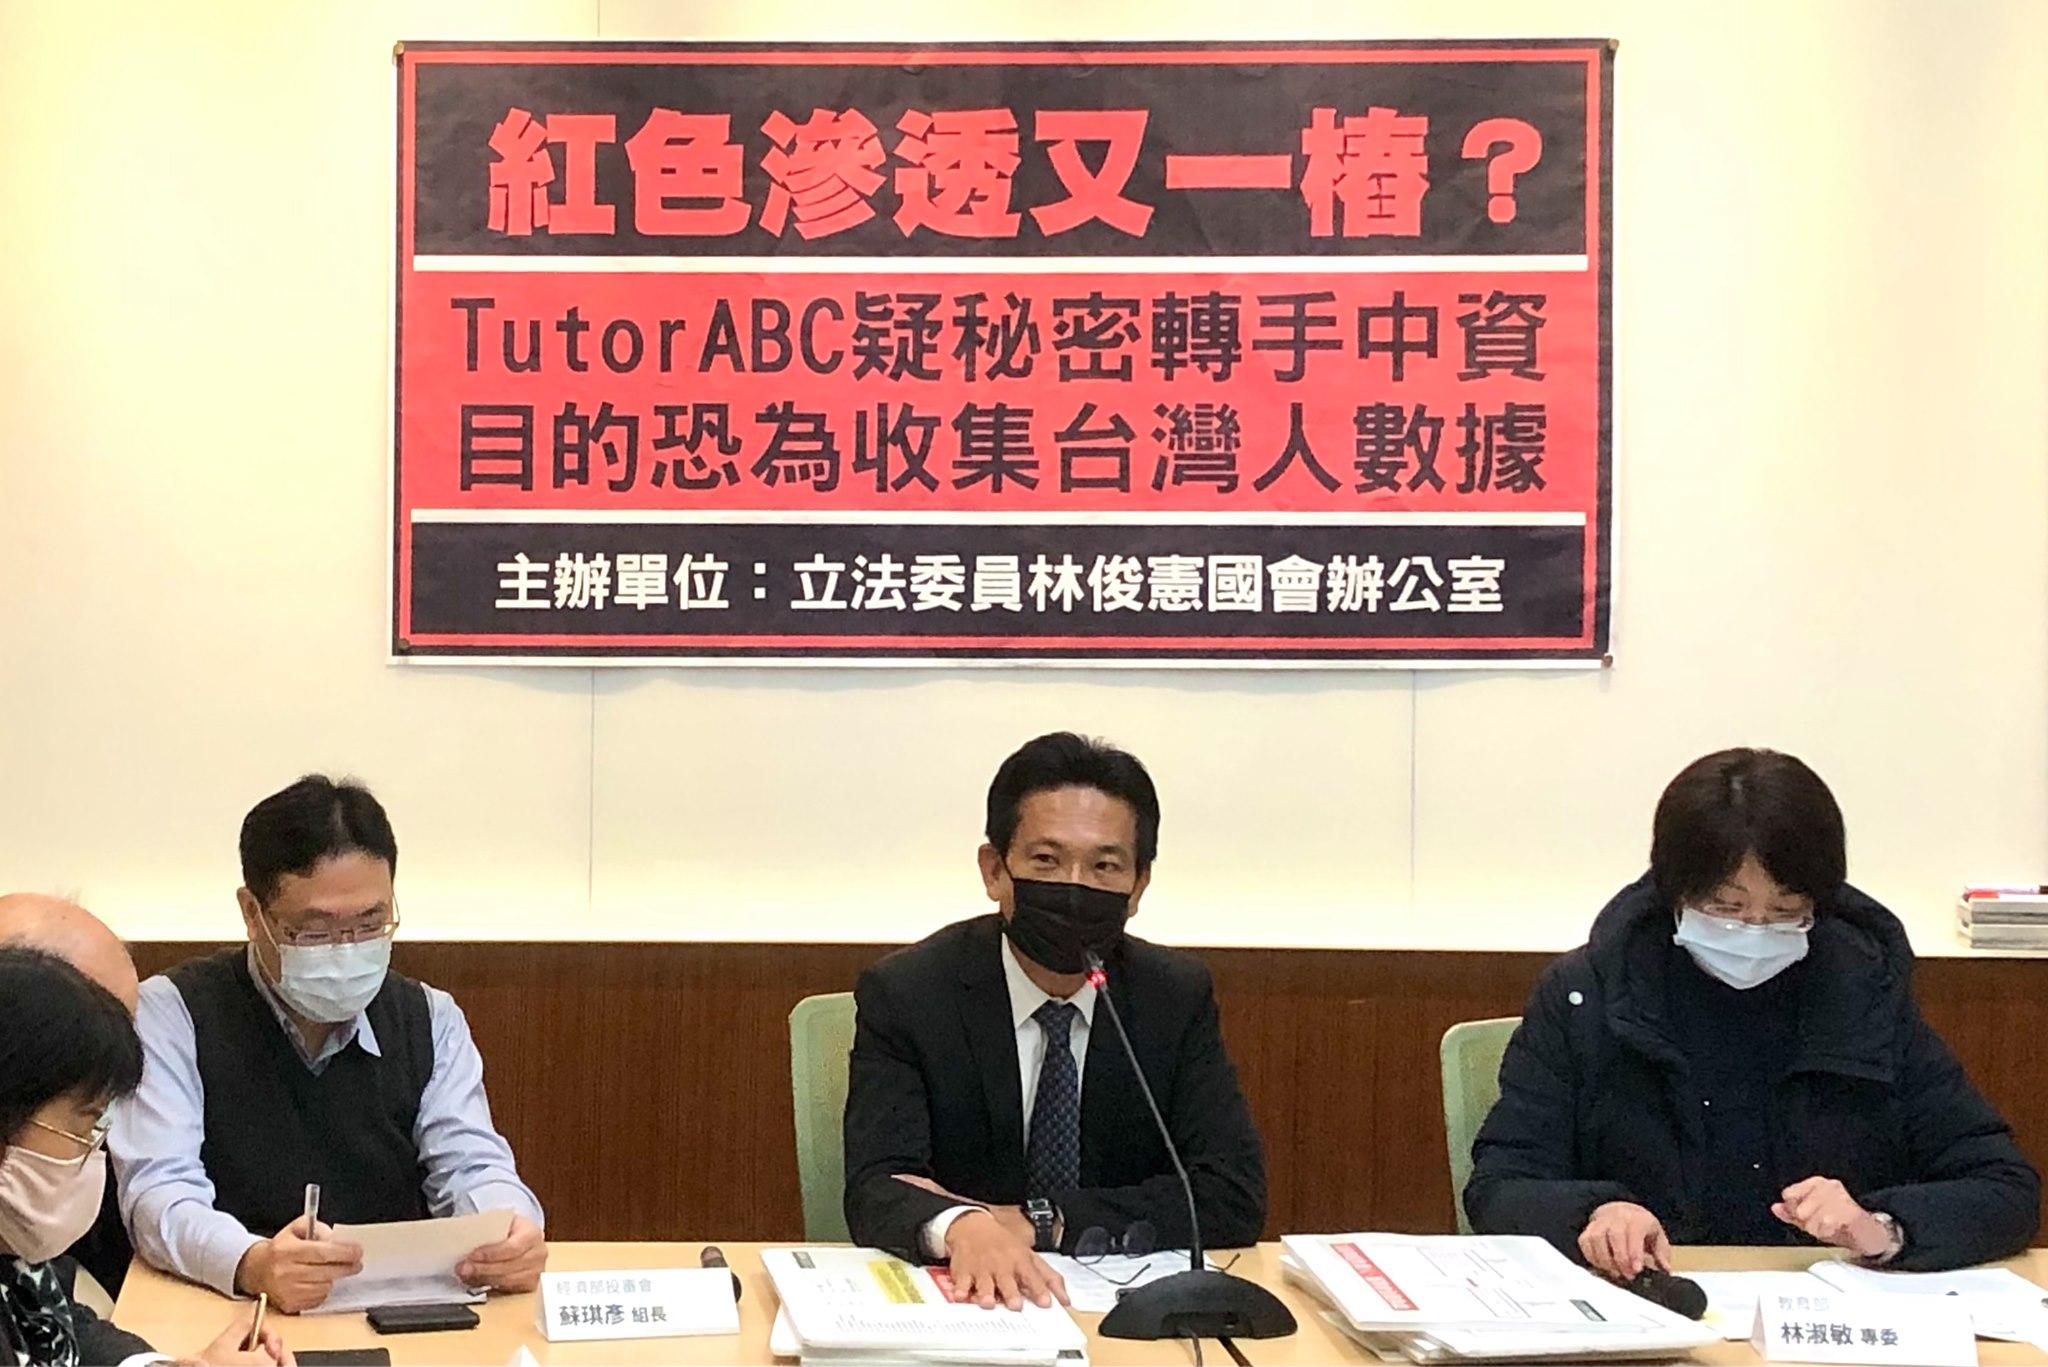 林俊憲批TutorABC紅色滲透。圖/林俊憲臉書粉絲專頁。